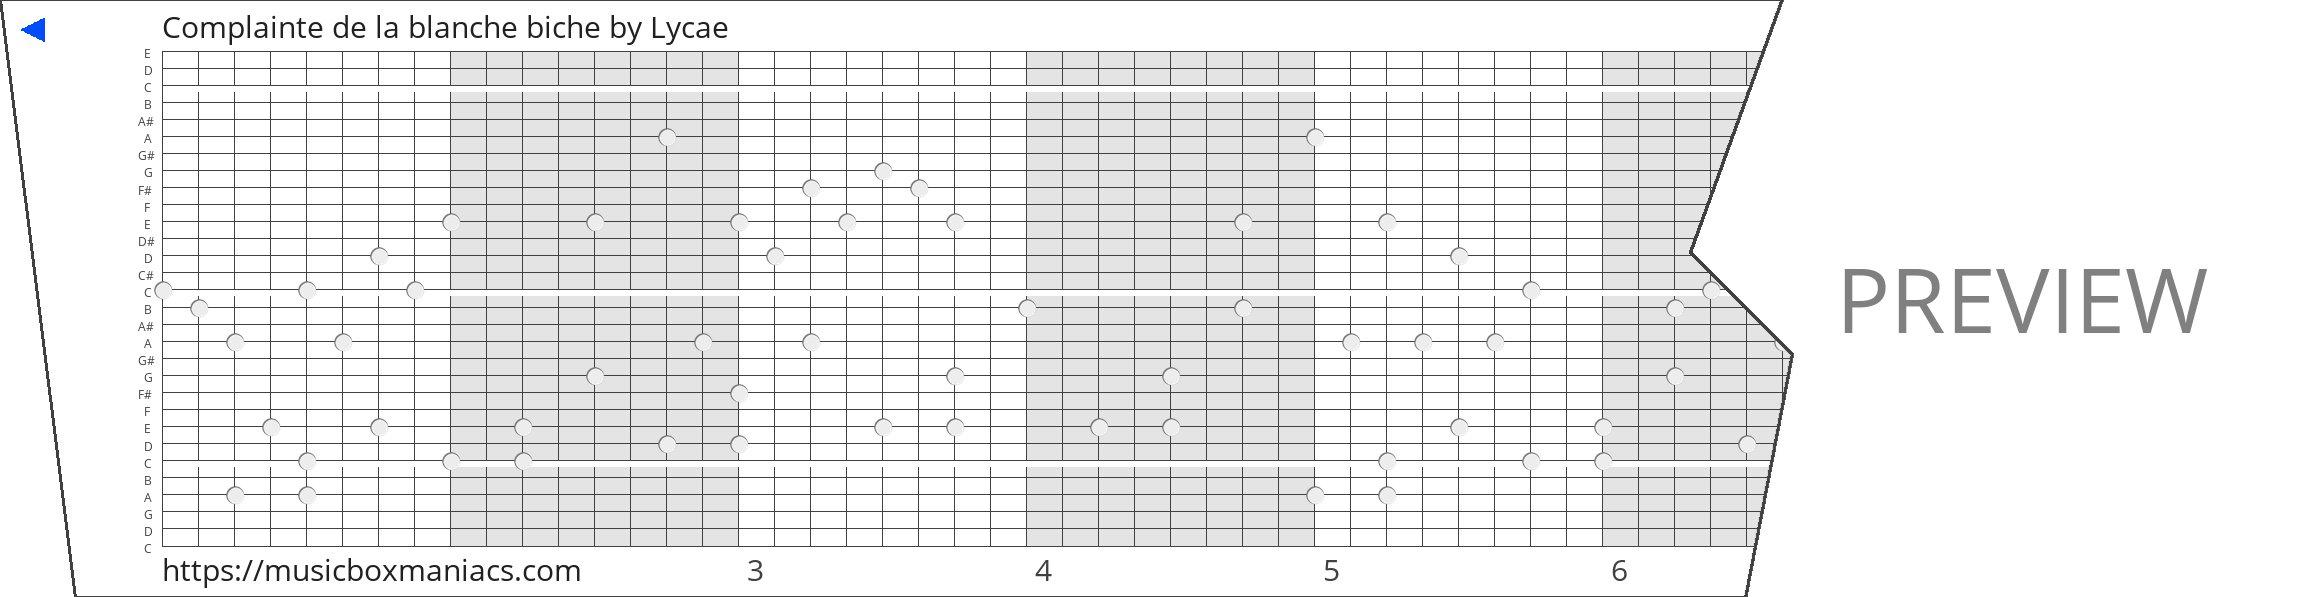 Complainte de la blanche biche 30 note music box paper strip